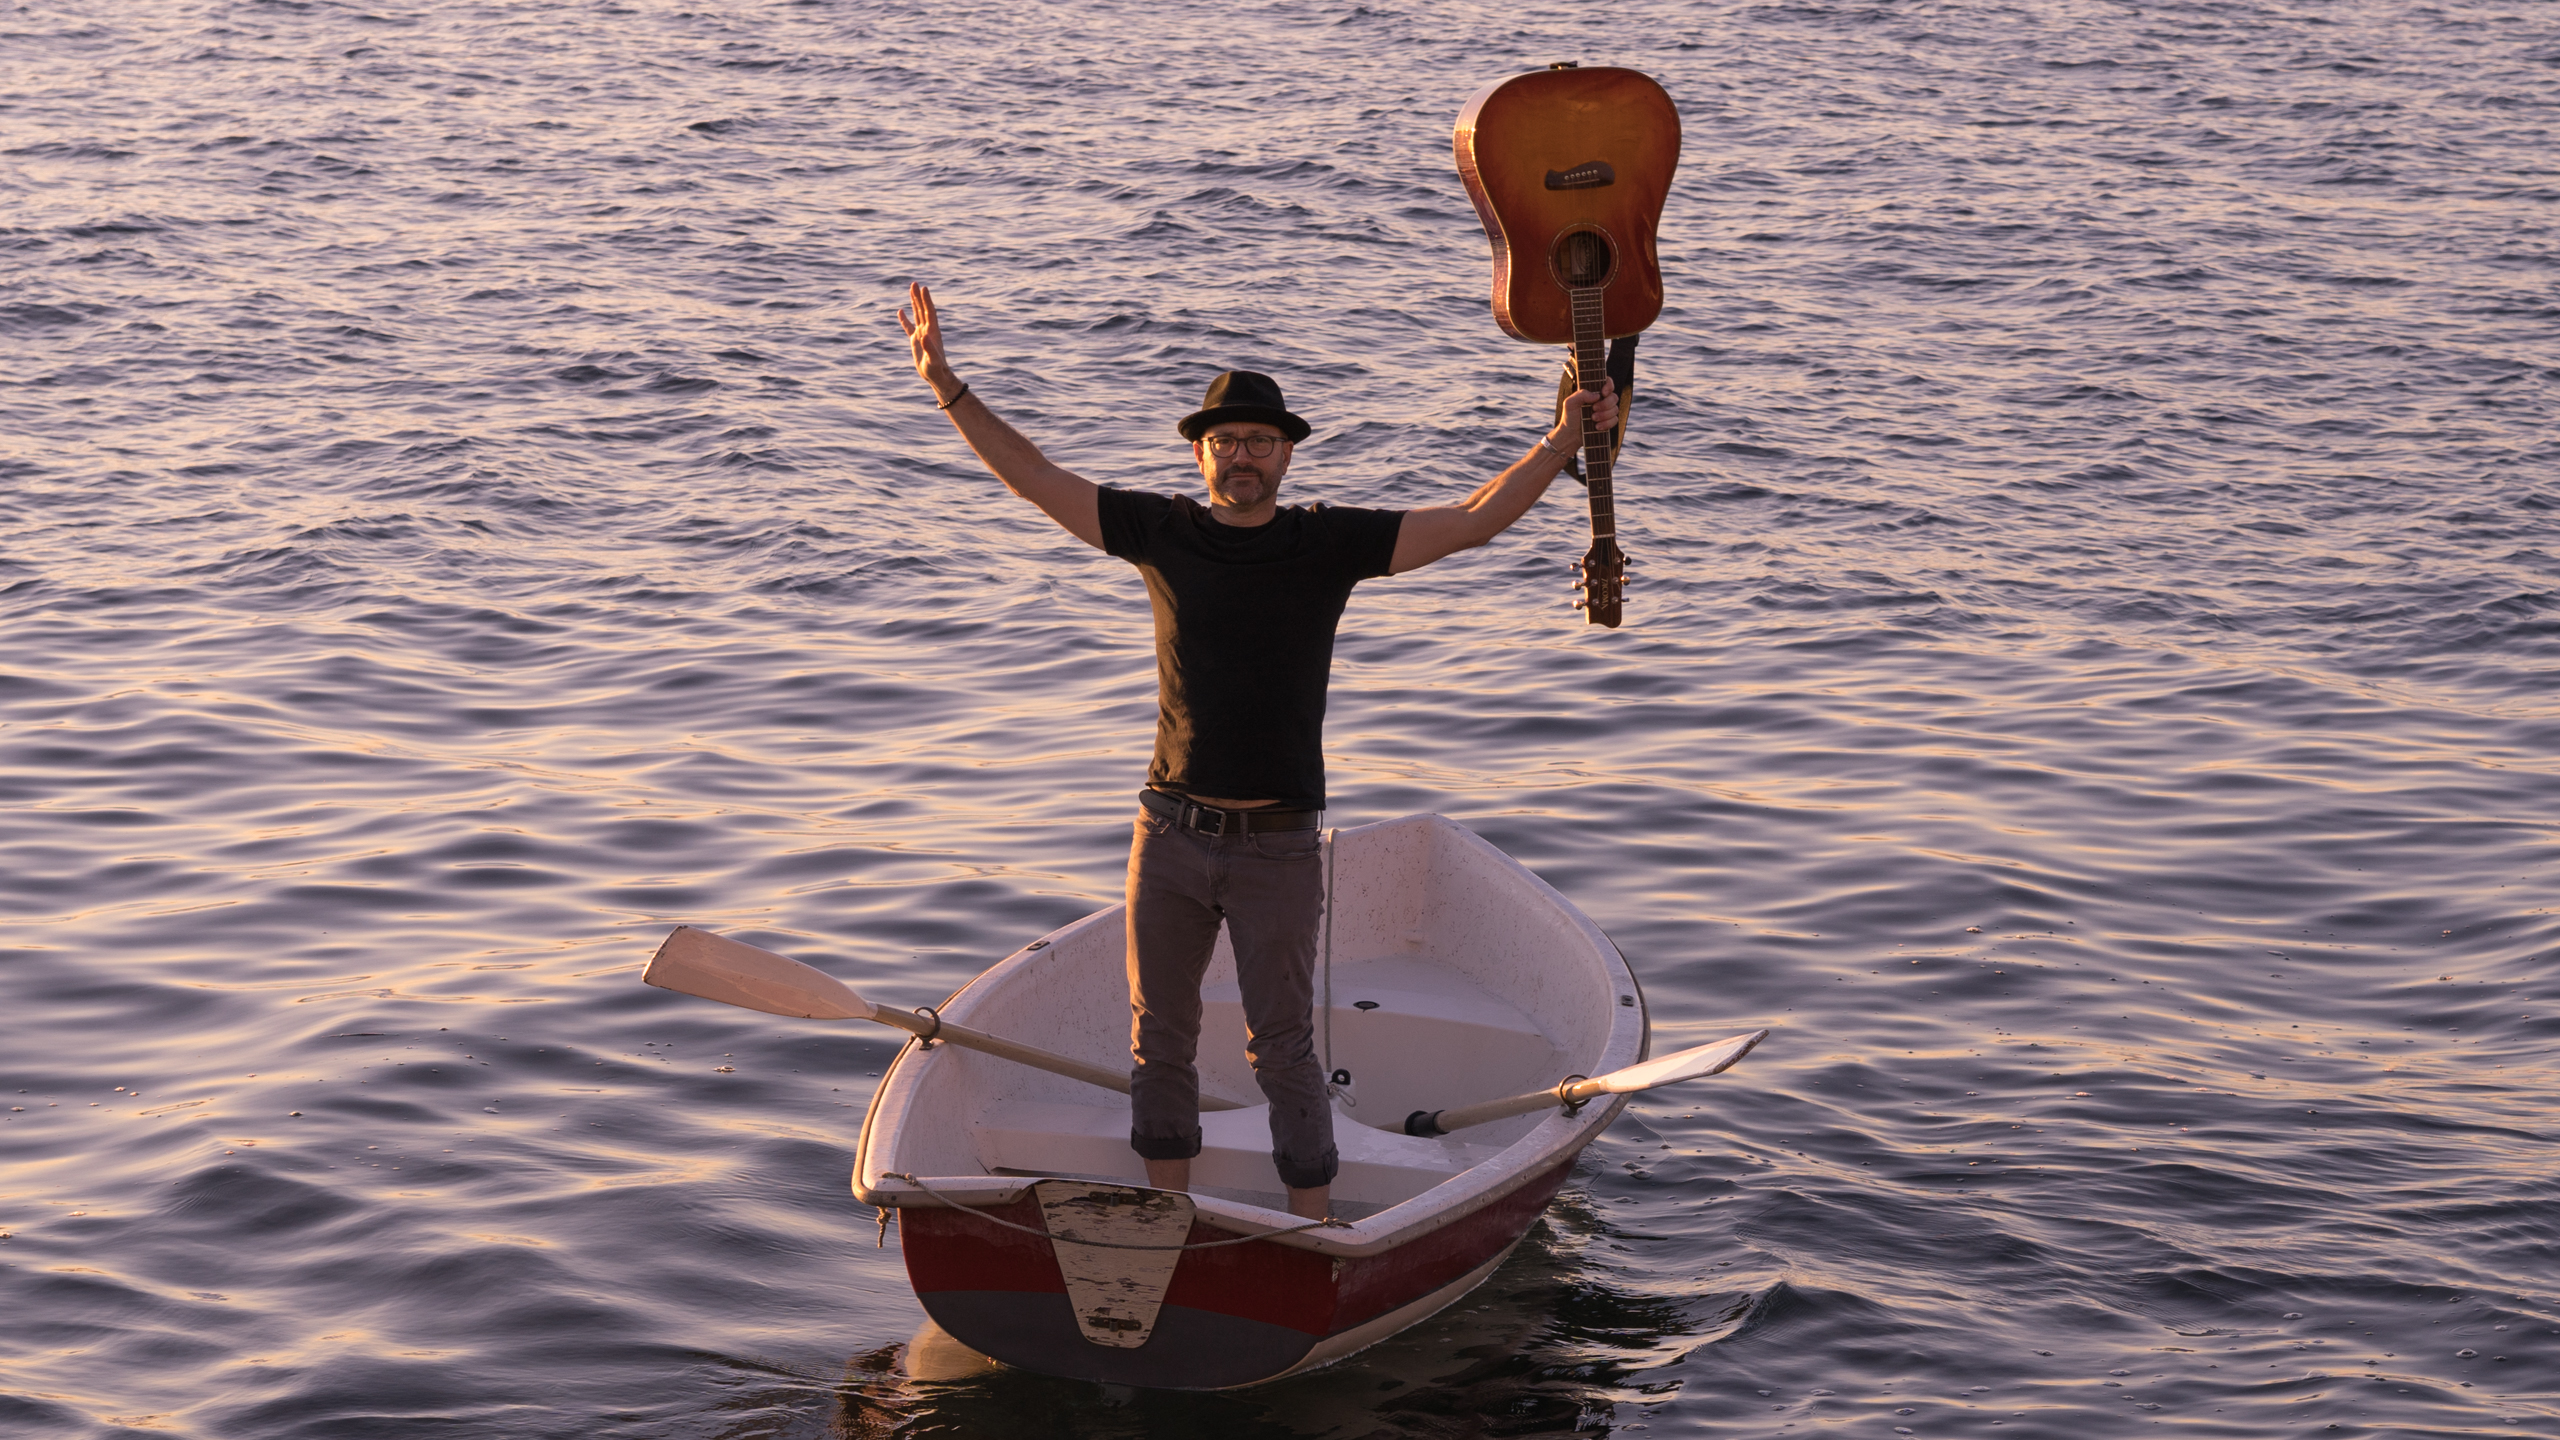 Trevor Ras in row boat